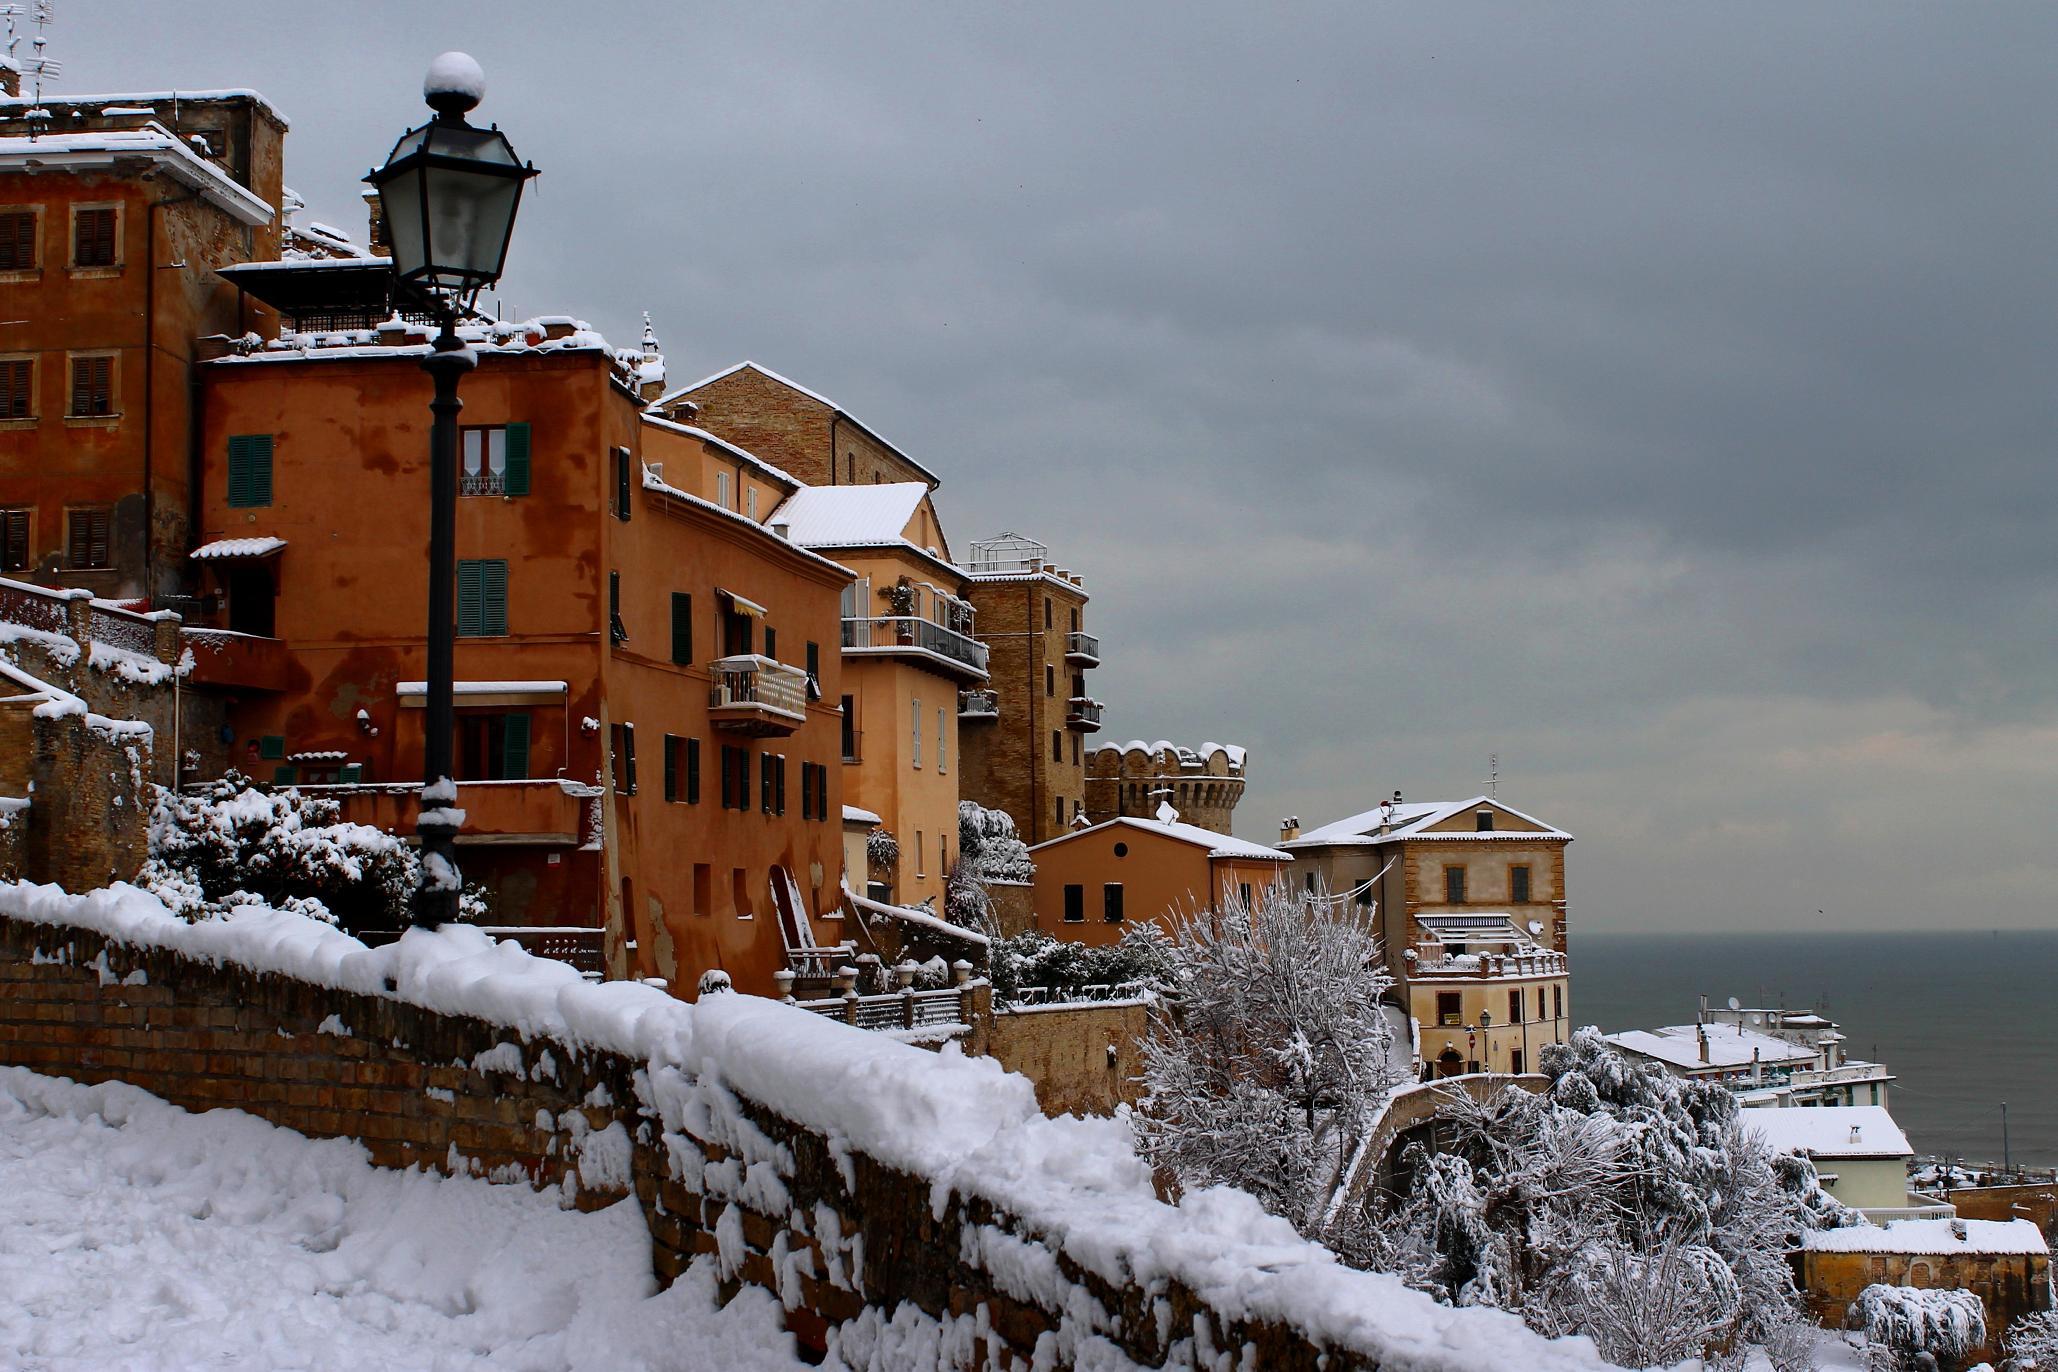 Neve a Grottammare, 4 febbraio 2012 foto di Laura Di Tecco